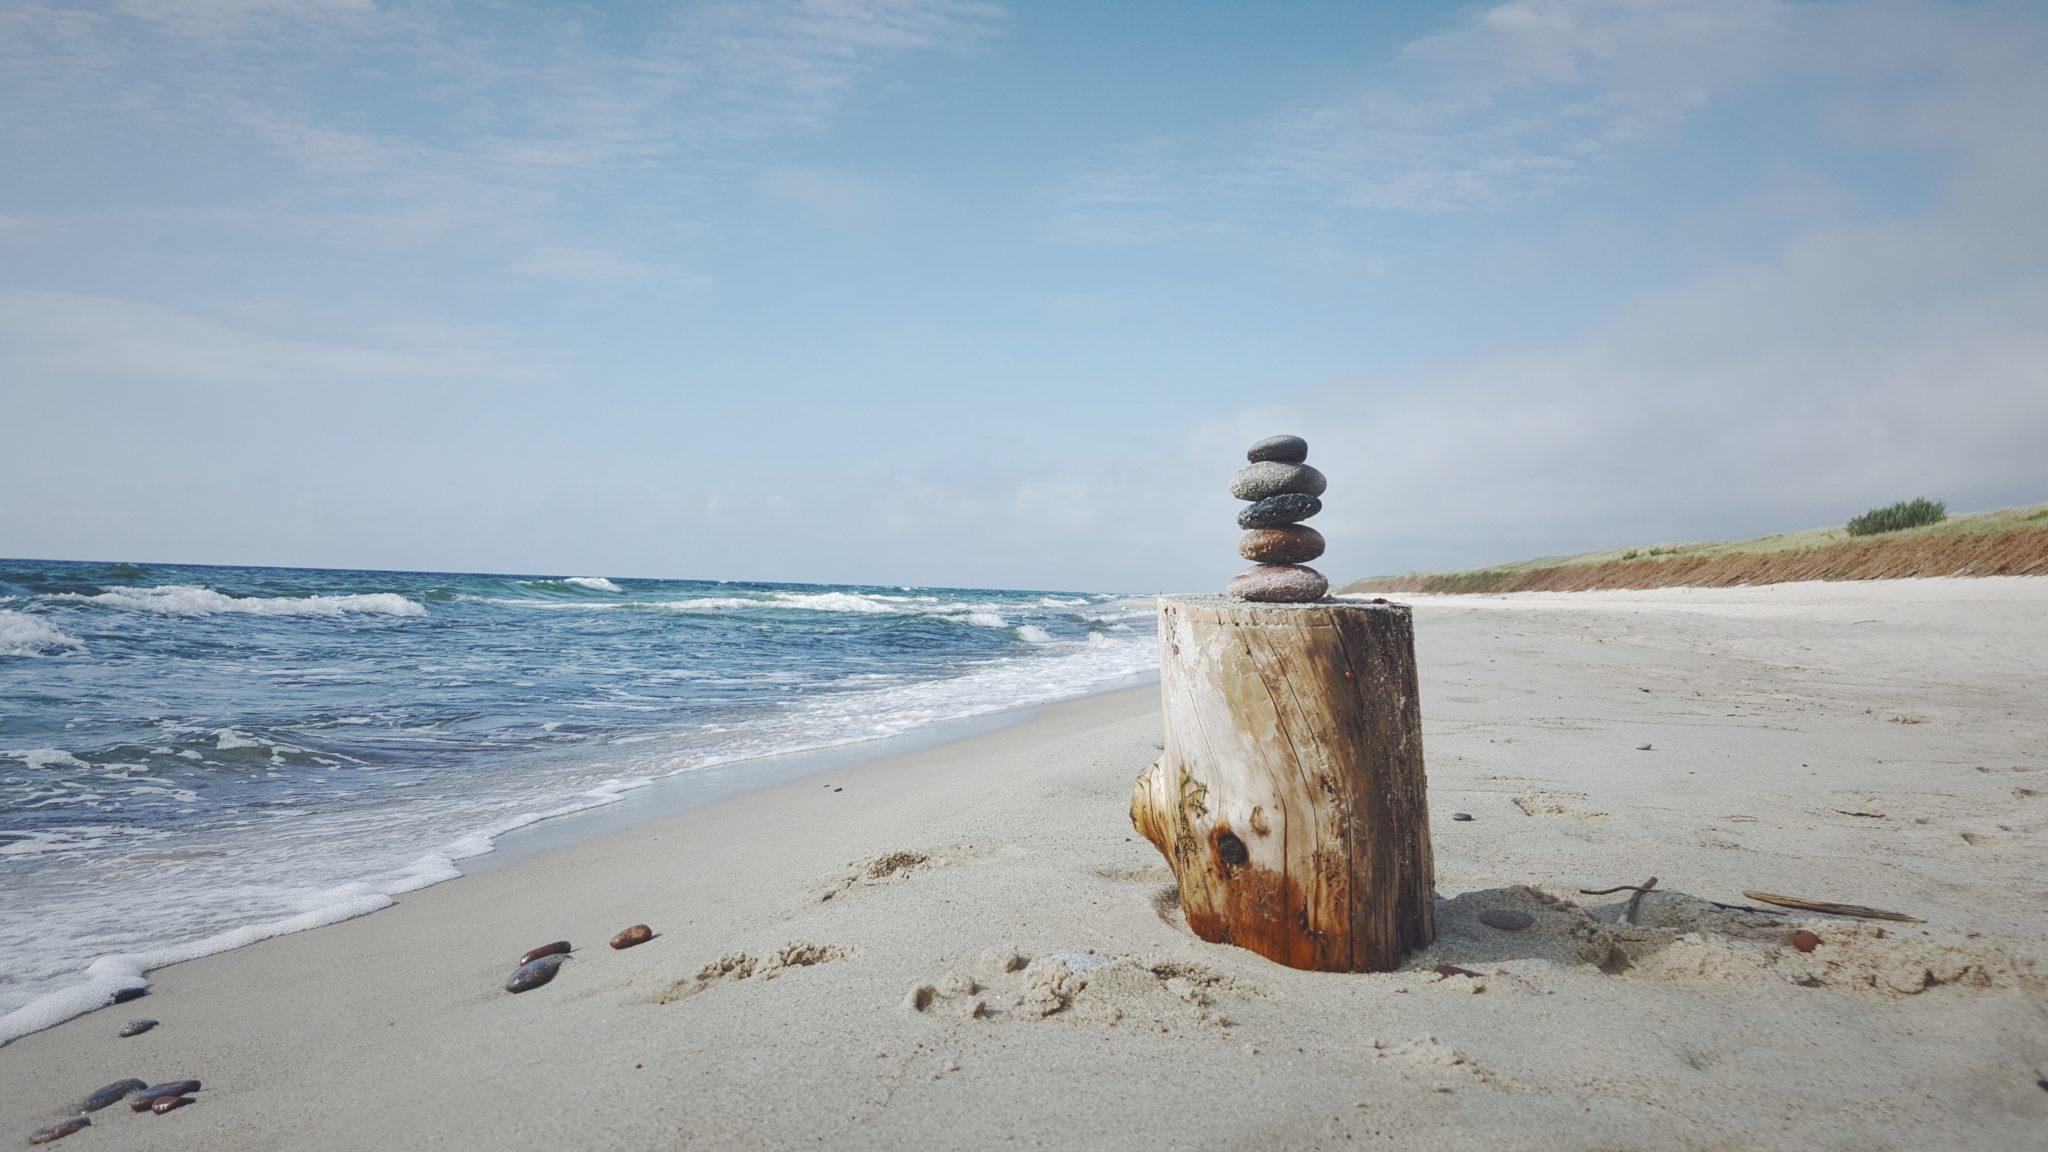 Baltic Sea Weekend Getaway